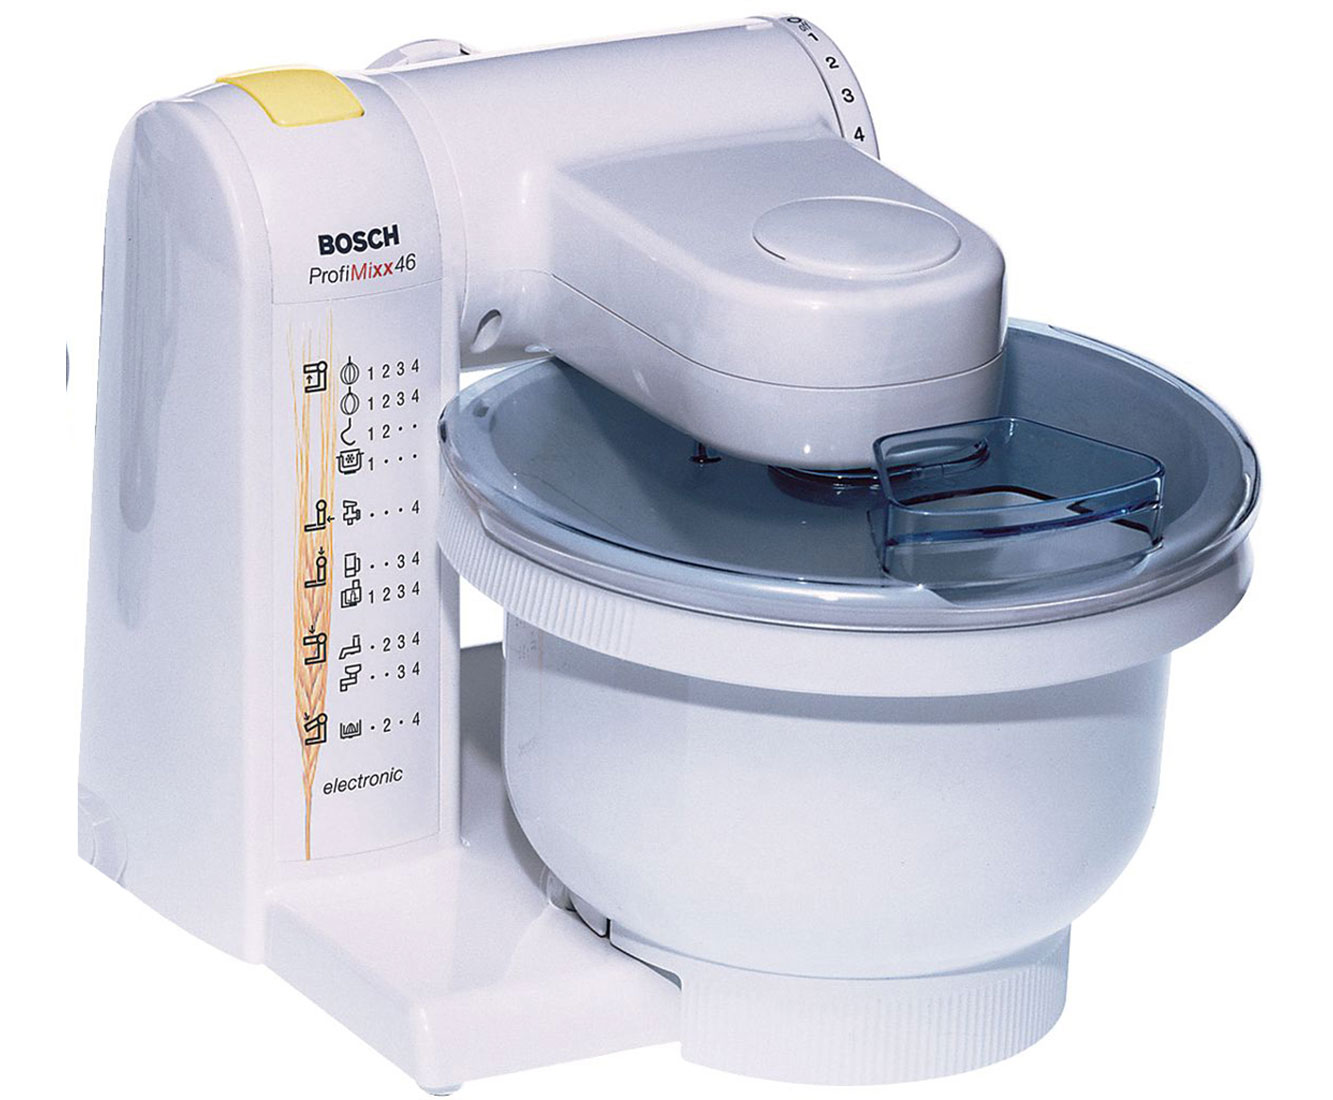 Bosch ProfiMixx MUM4655EU Küchenmaschine mit 3D Rührsystem MultiMotion  Drive und Patisserie-Set - 550 Watt - Weiß